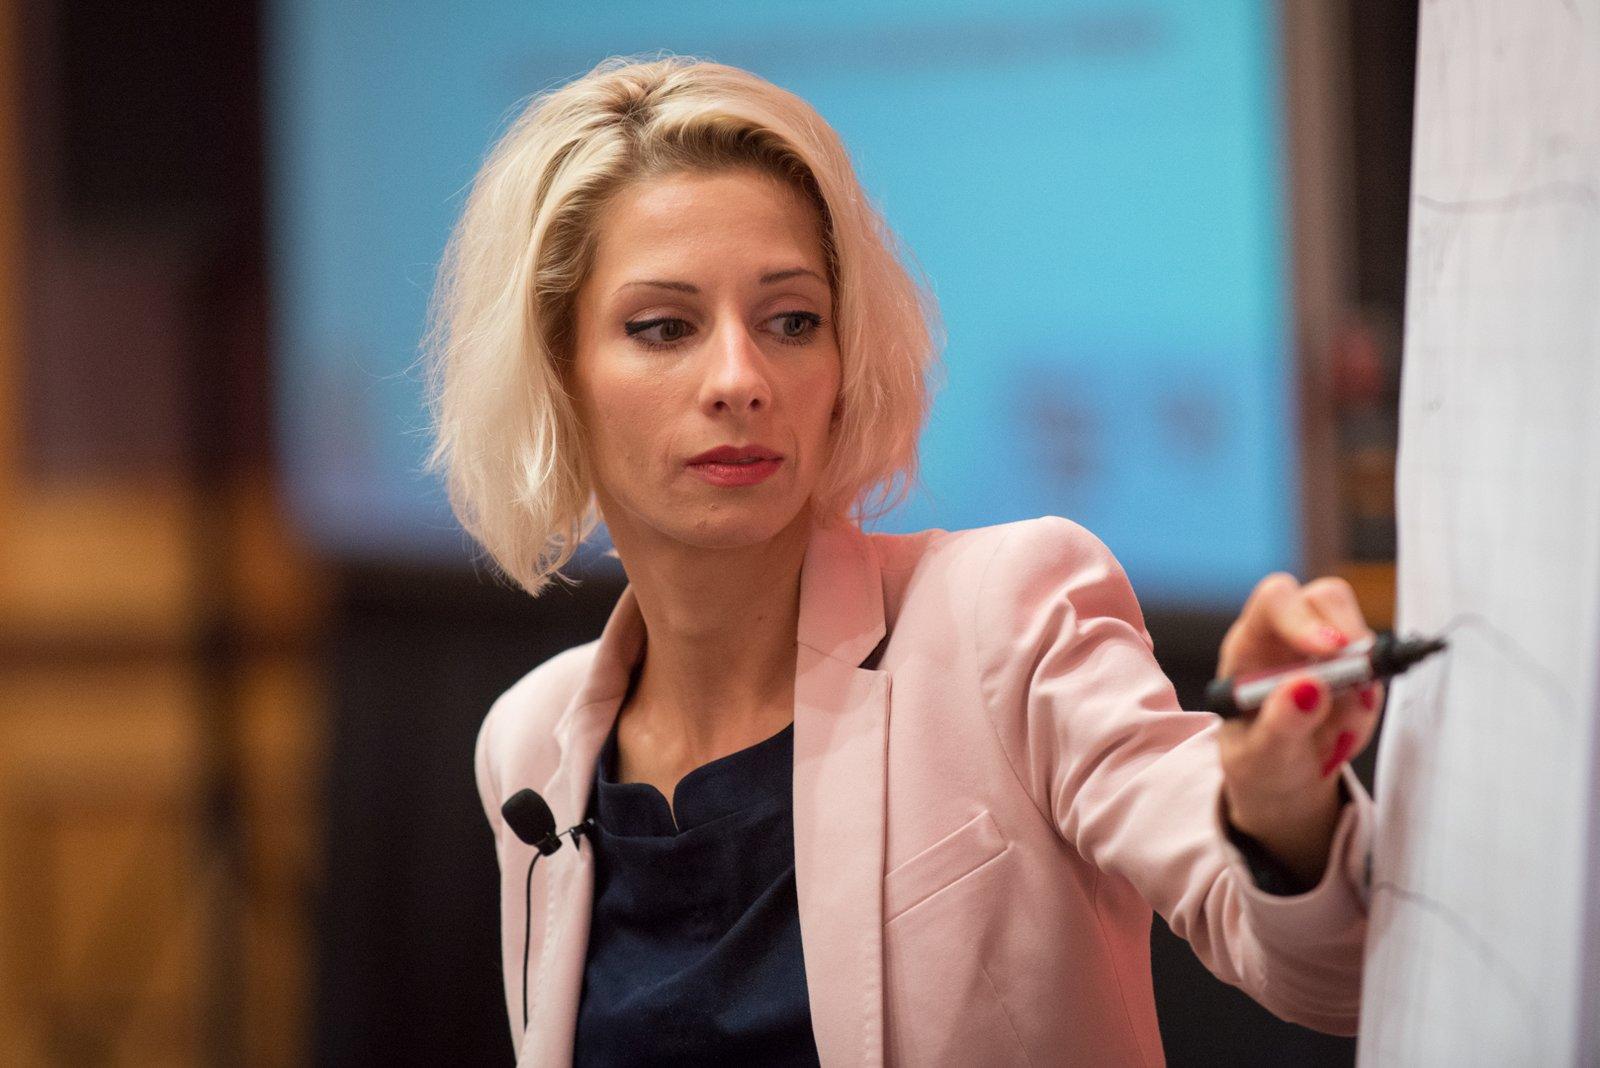 Jill Konrath: Agile Selling. Pokonaj przeszkody wkontaktach zklientem dzięki praktykom zwinnej sprzedaży